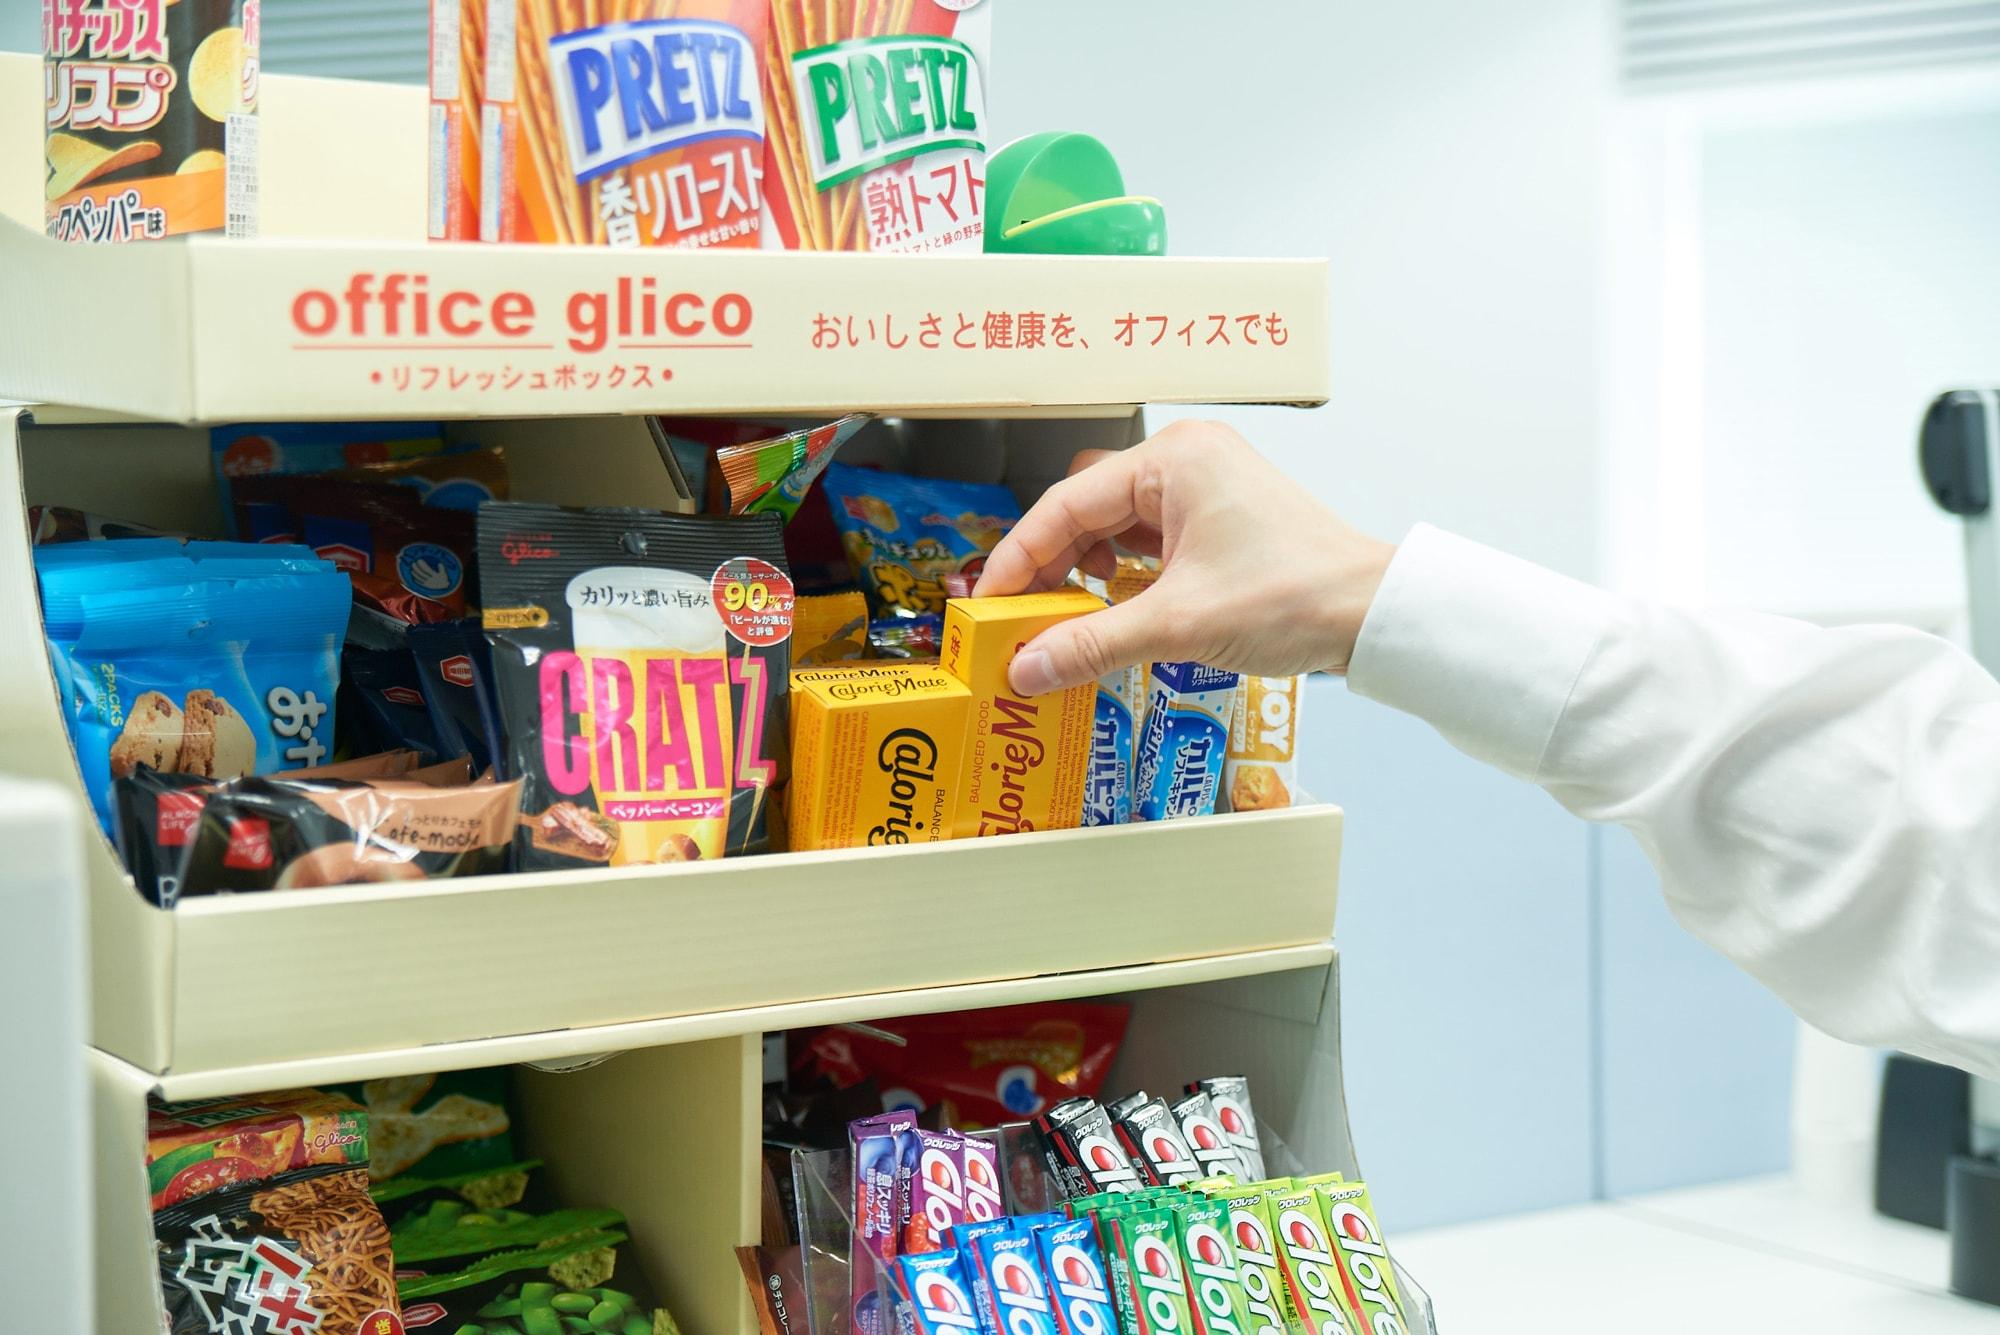 赤坂事務所の各フロアにある「オフィスグリコ」。休憩時にドリンクと一緒に。こちらは有料です。